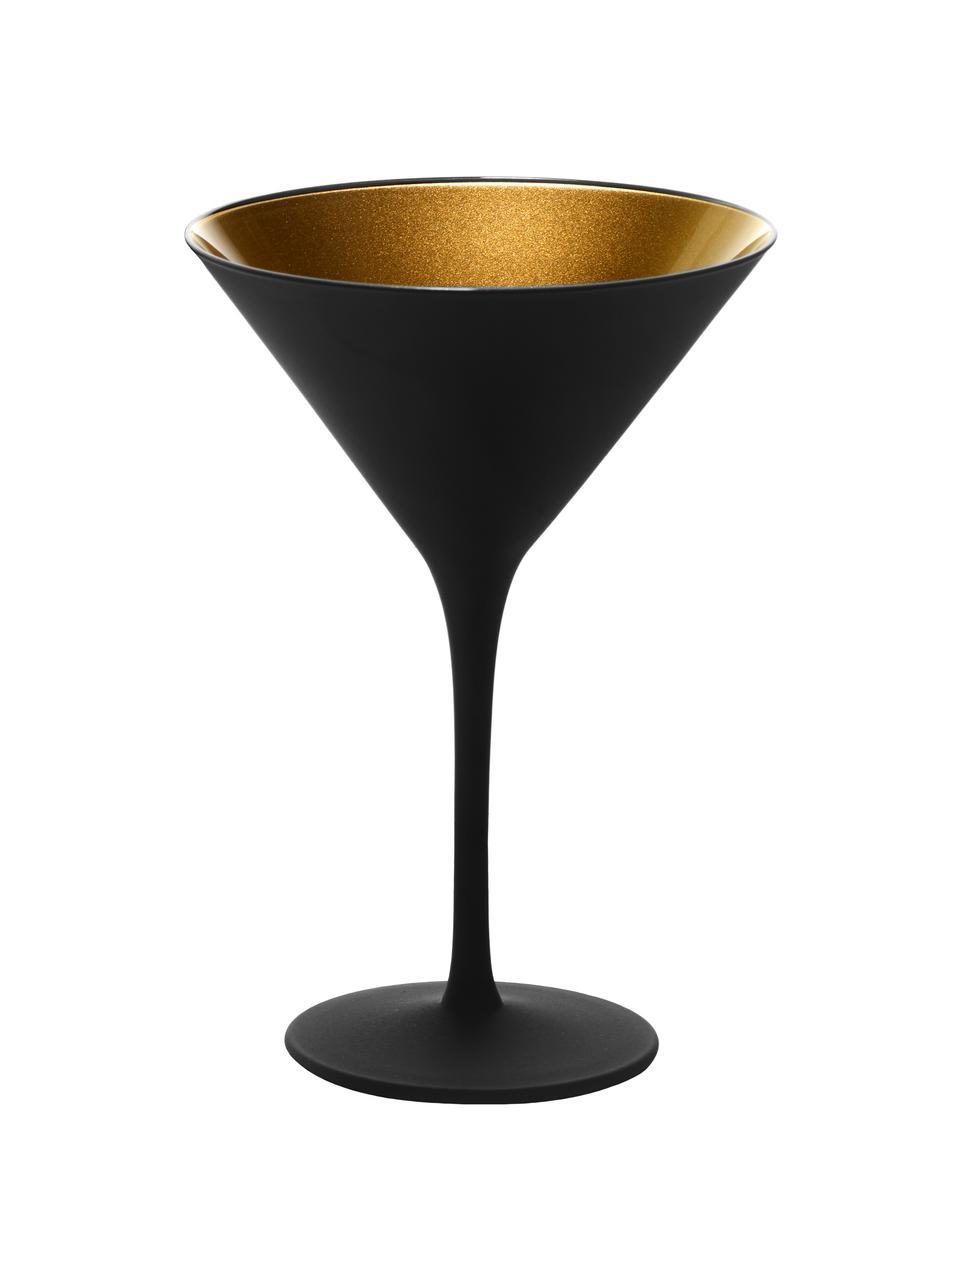 Kristall-Cocktailgläser Elements in Schwarz/Gold, 6 Stück, Kristallglas, beschichtet, Schwarz, Goldfarben, Ø 12 x H 17 cm